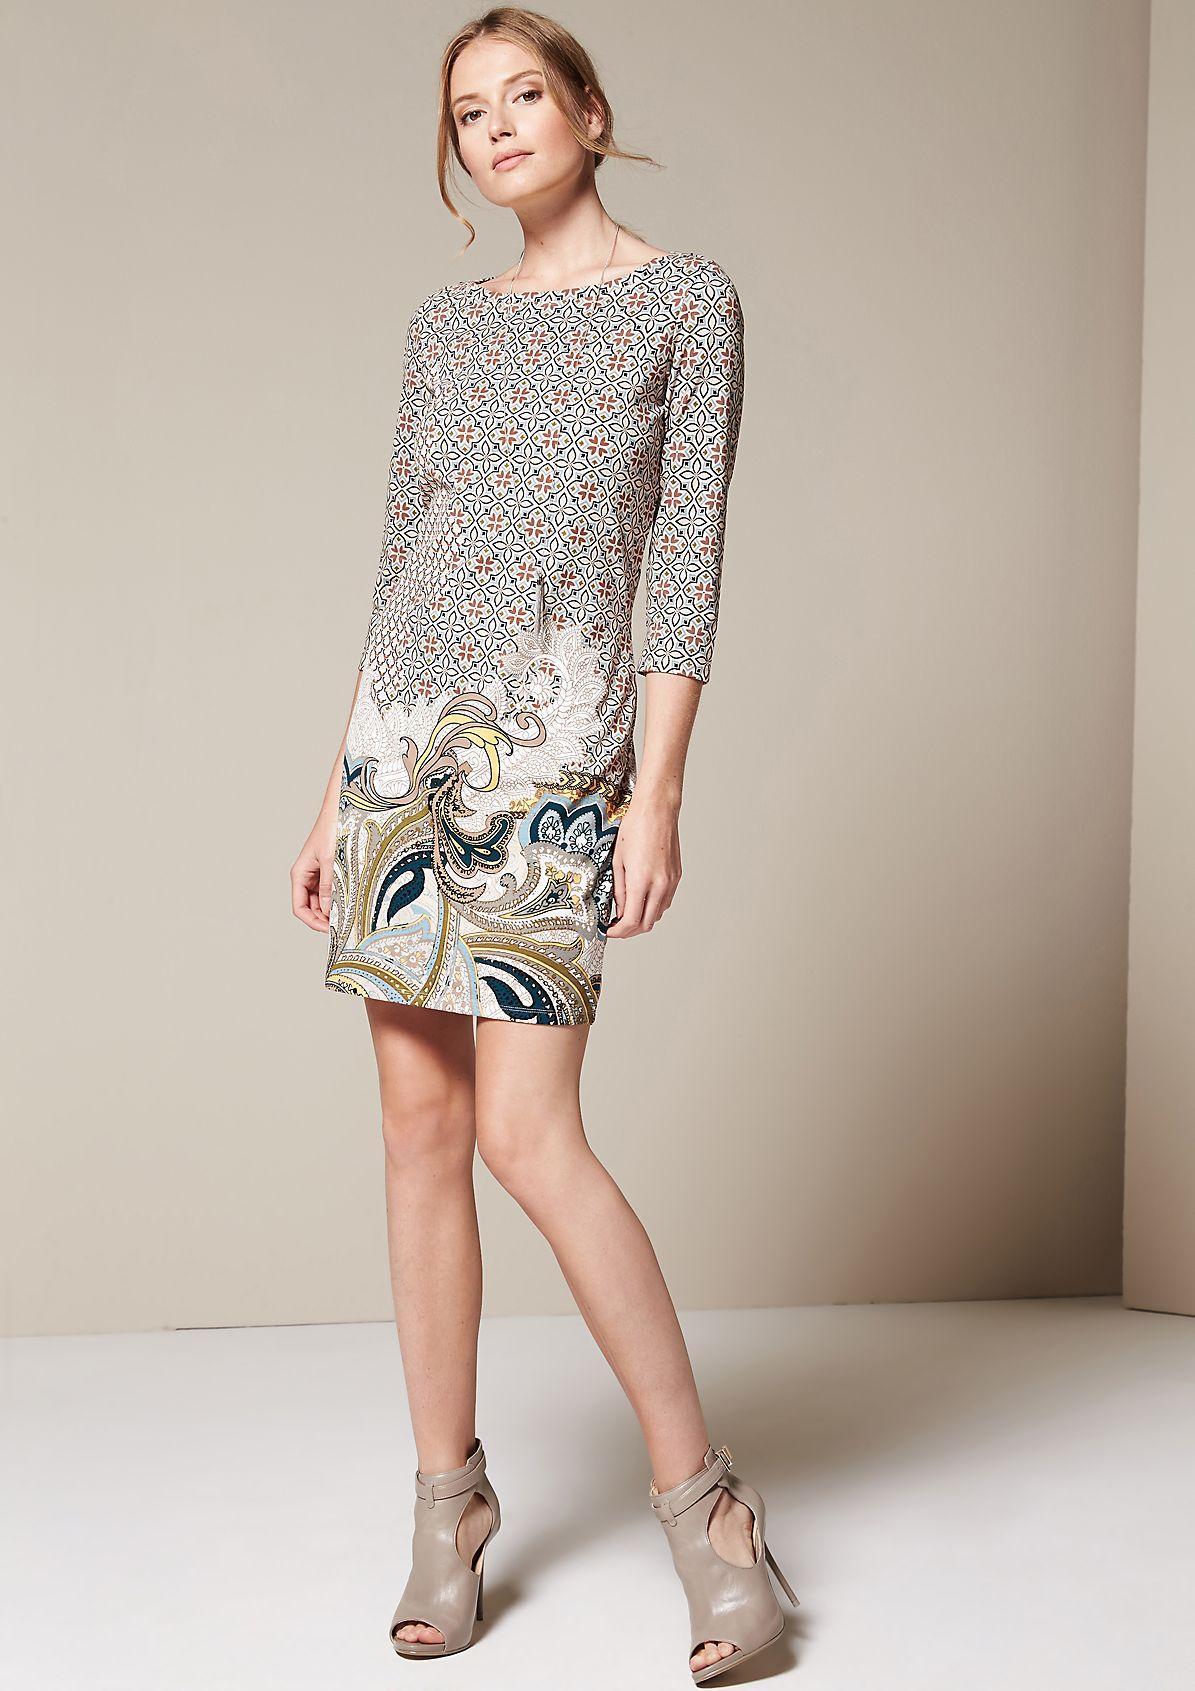 Sportliches 3/4-Arm Kleid mit aufregendem Alloverprint